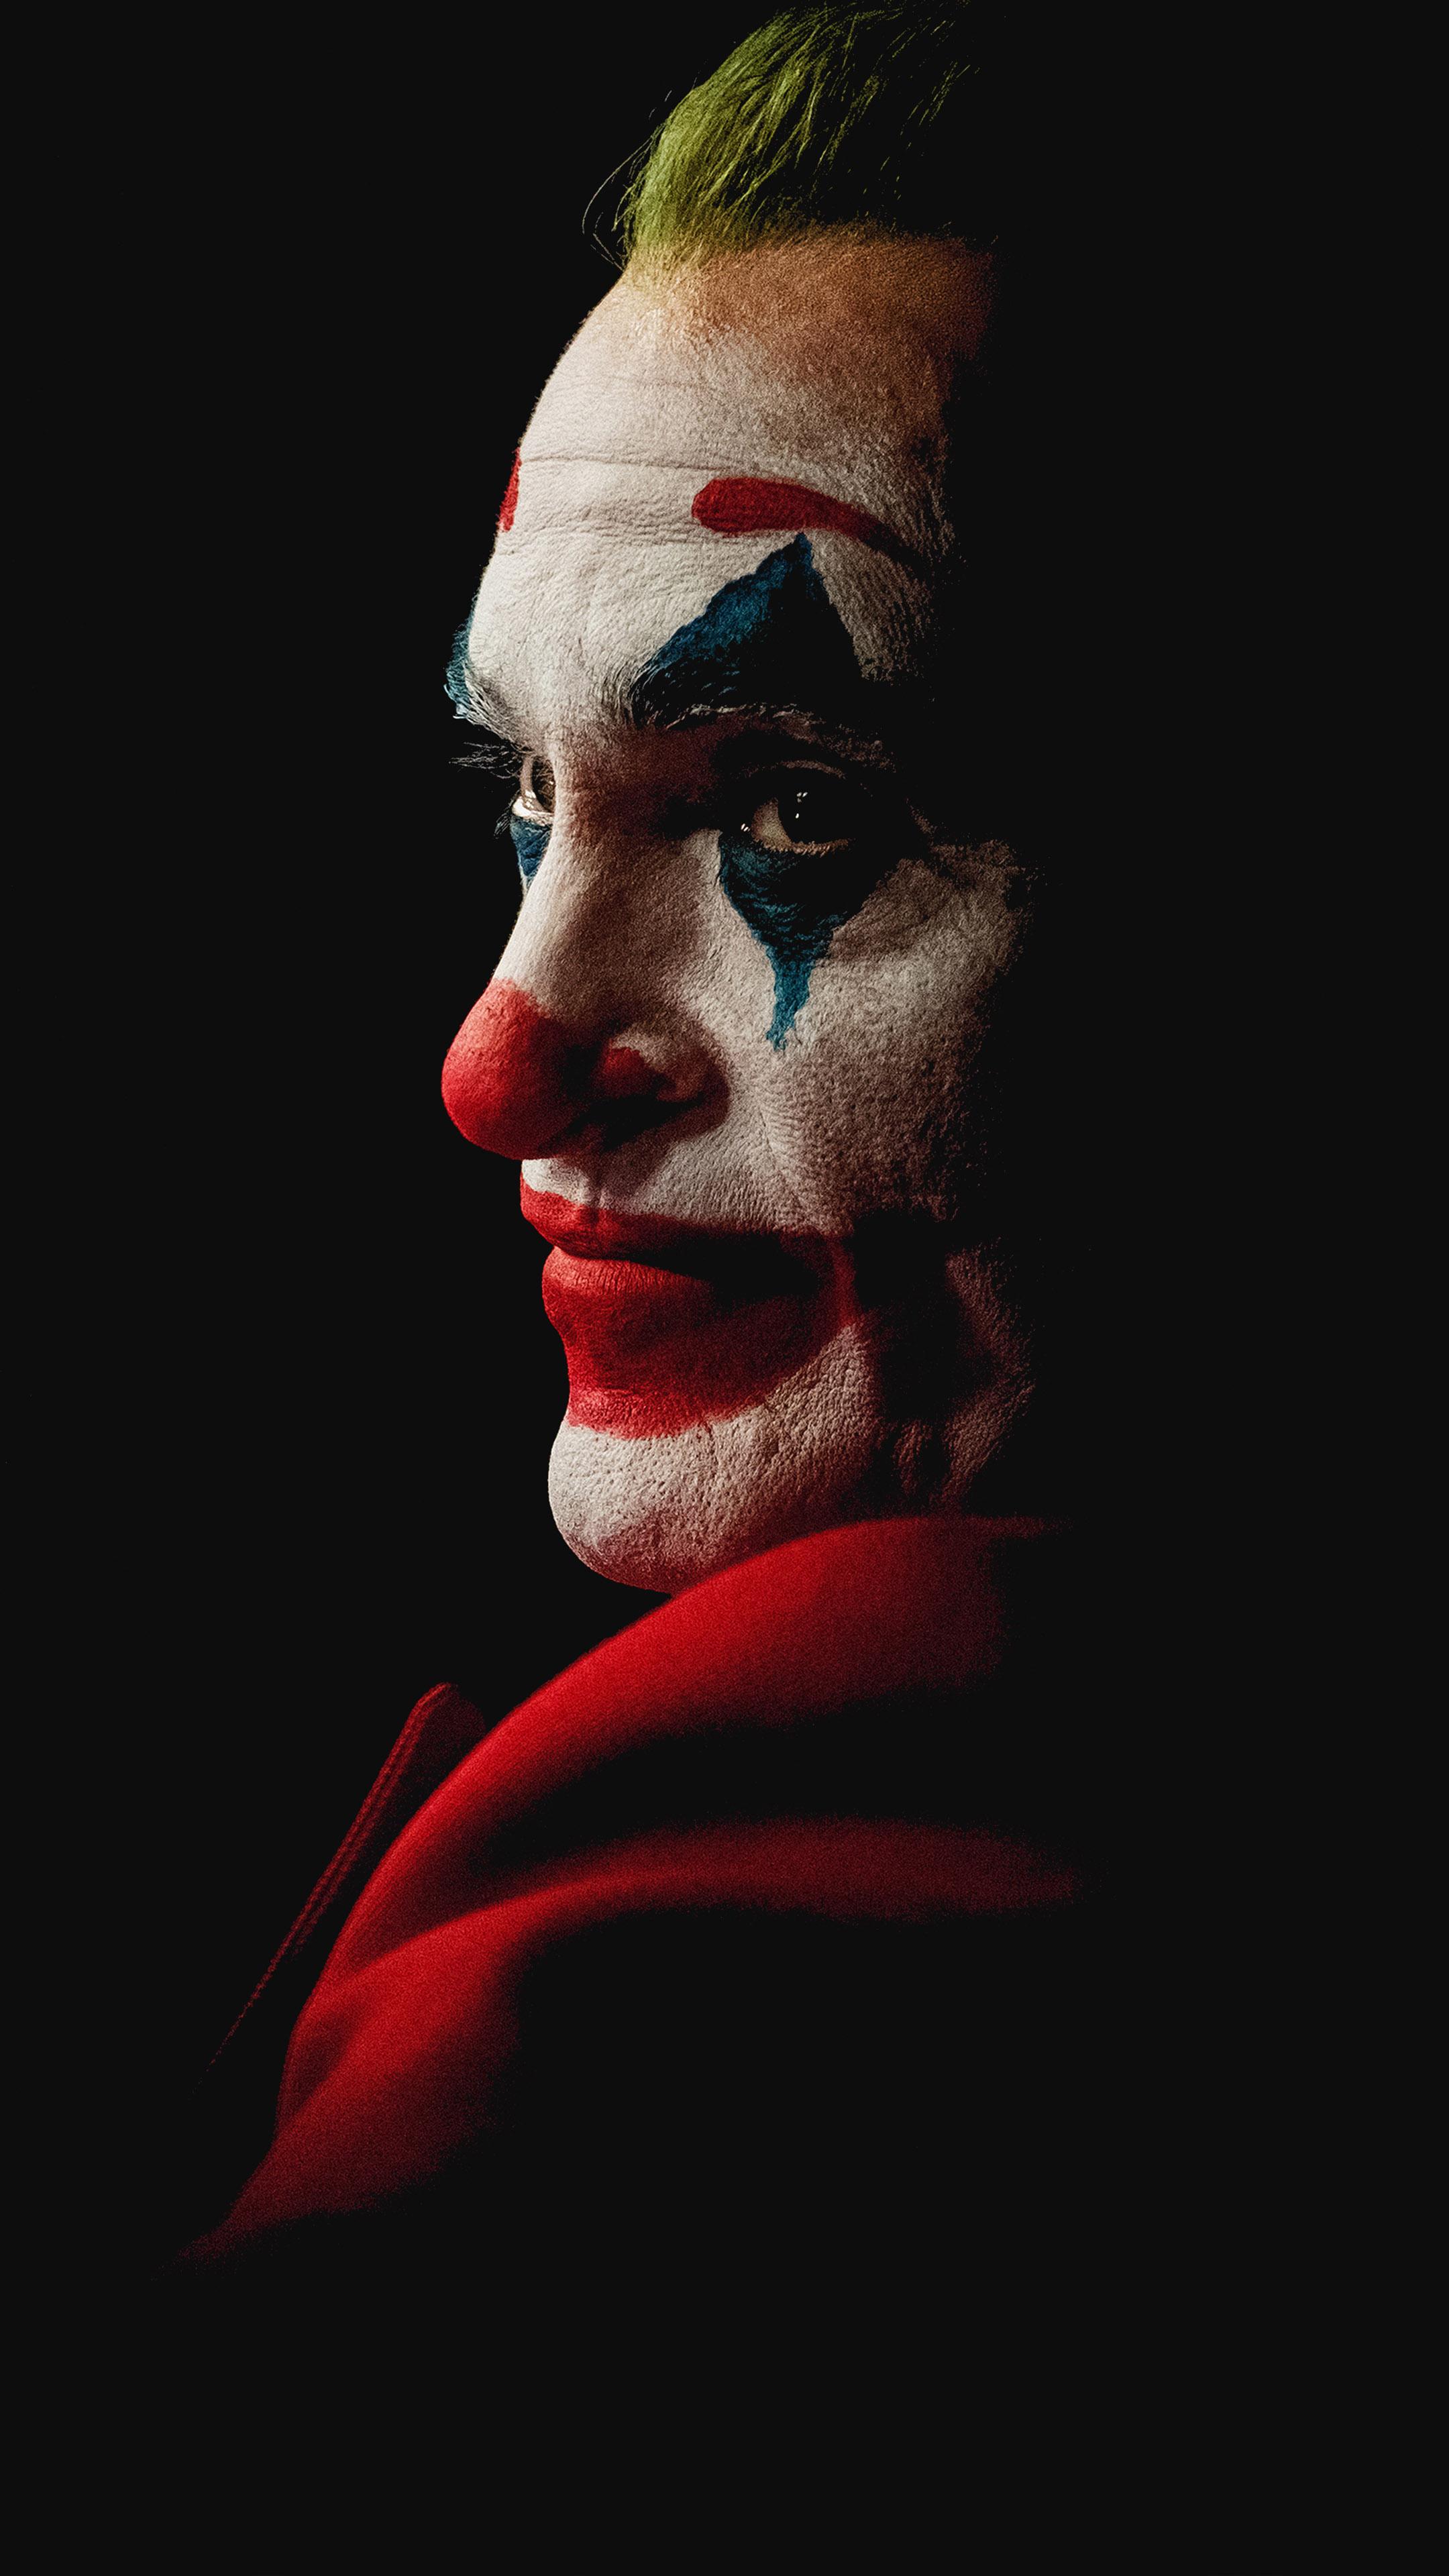 Joaquin Phoenix Joker Black Background Free 4k Ultra Hd Mobile Wallpaper